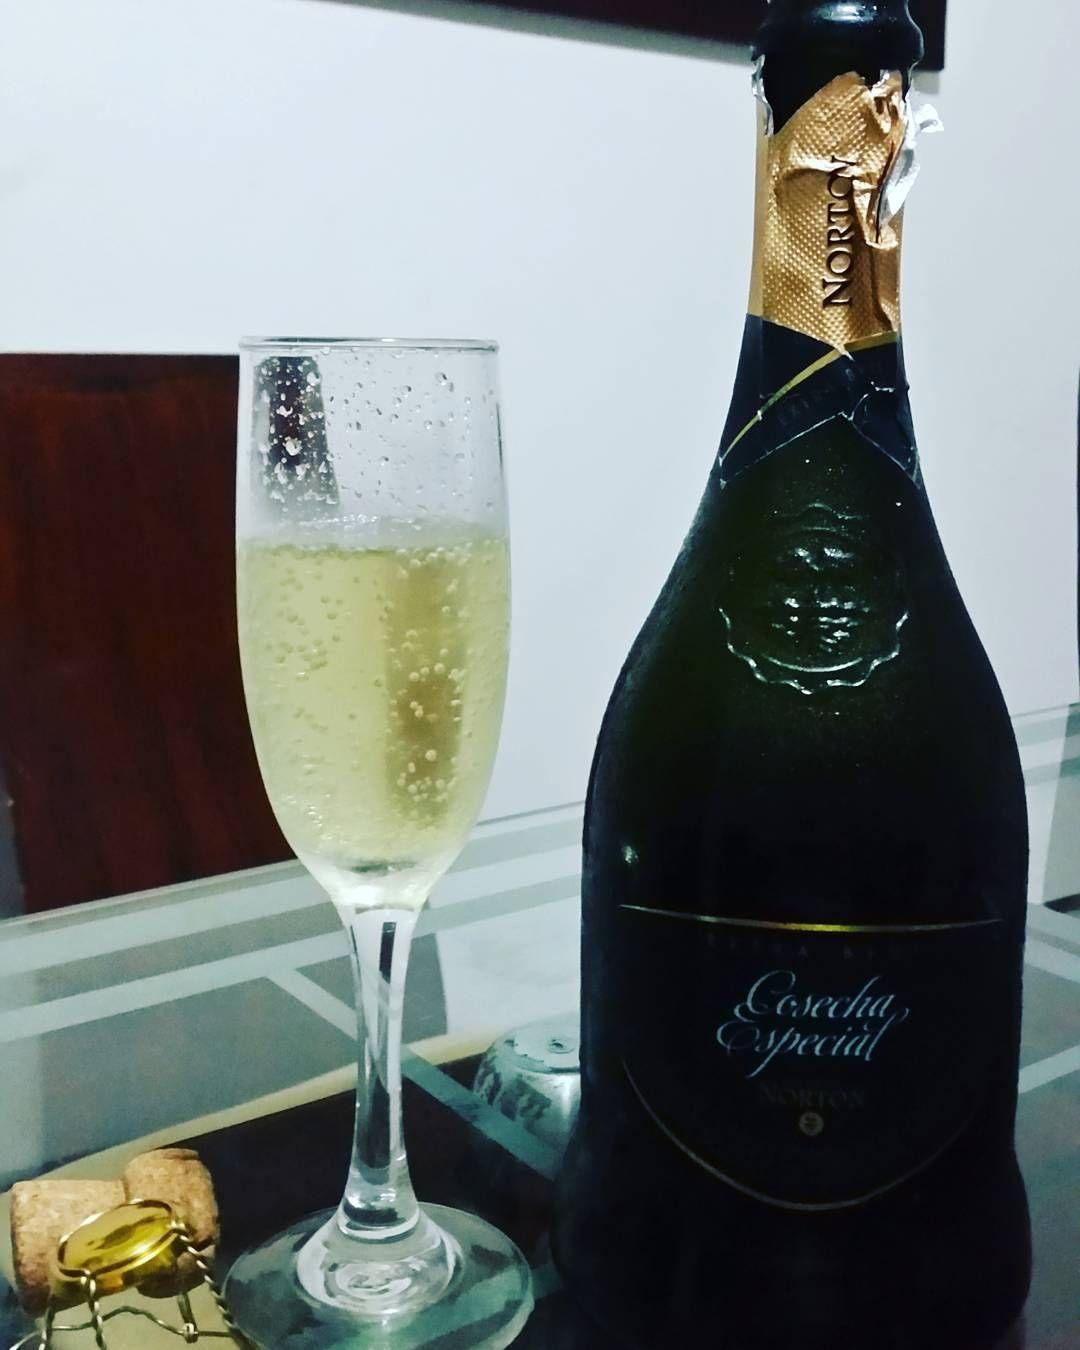 Cosecha Especial De Norton Mendoza Argentina Chardonnay Un Vino